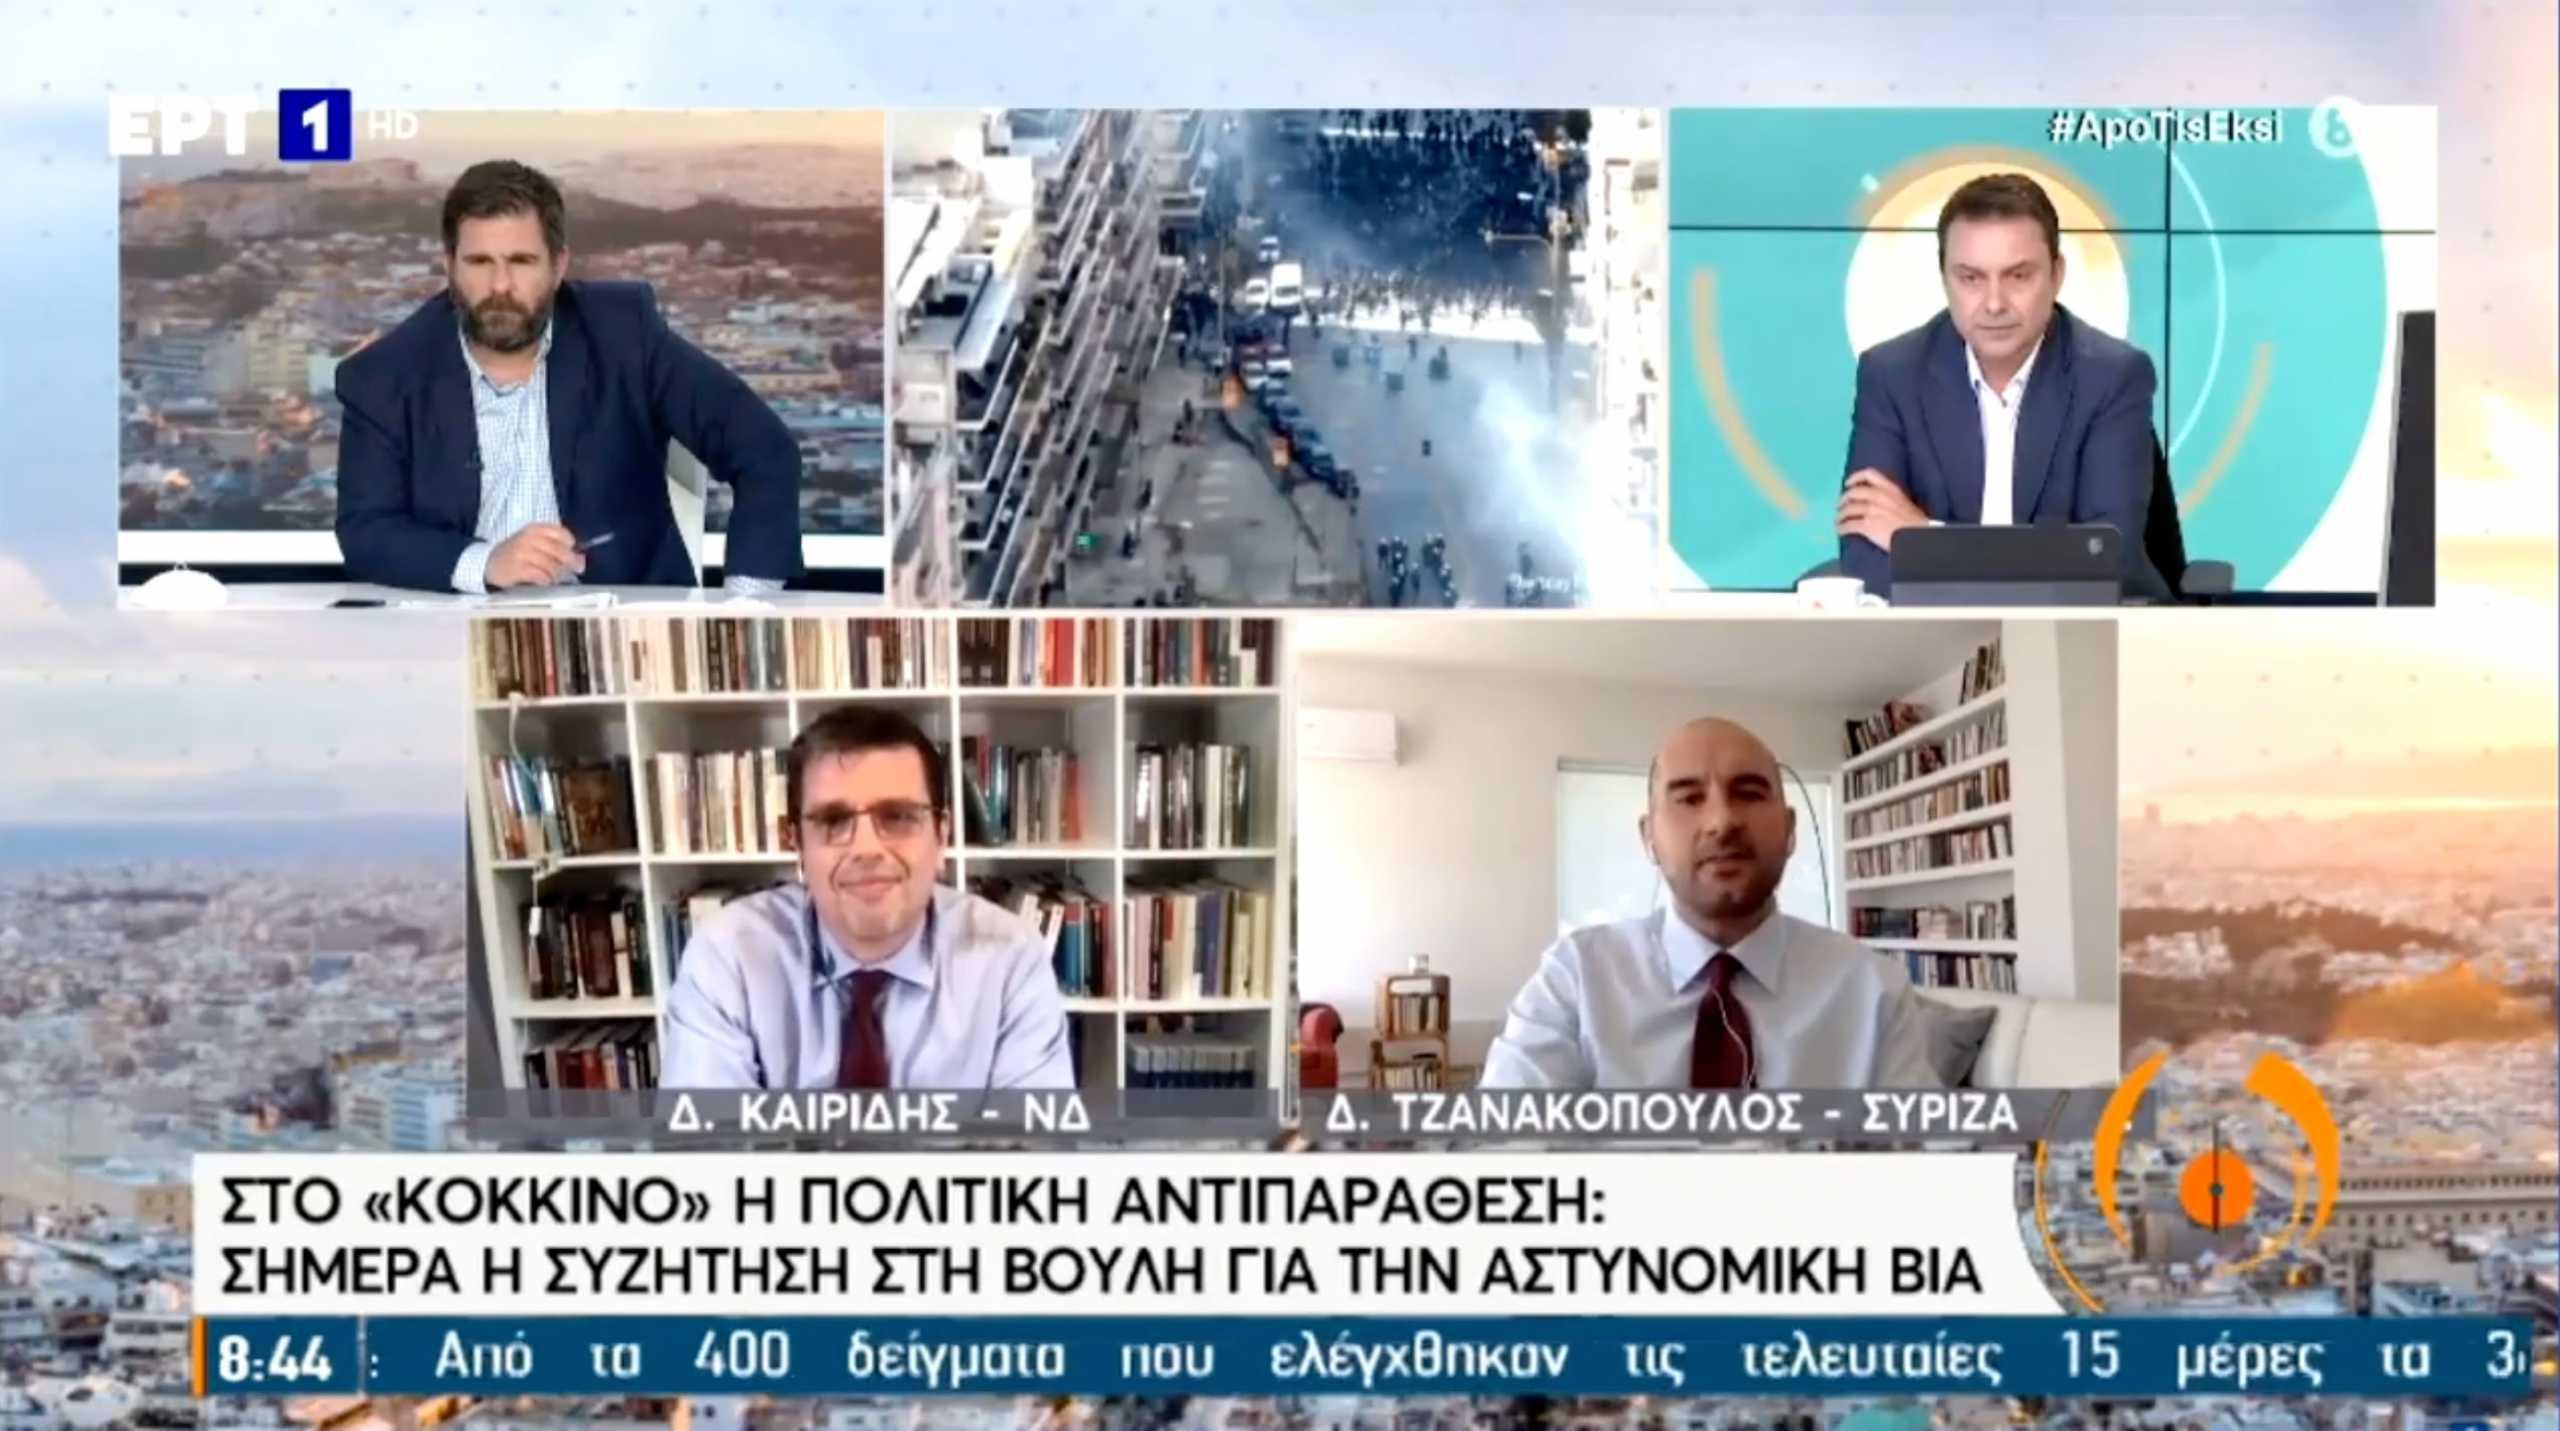 «Σκοτωμός» στην ΕΡΤ: Τζανακόπουλος κατά όλων, βαριές κουβέντες με Καιρίδη (video)